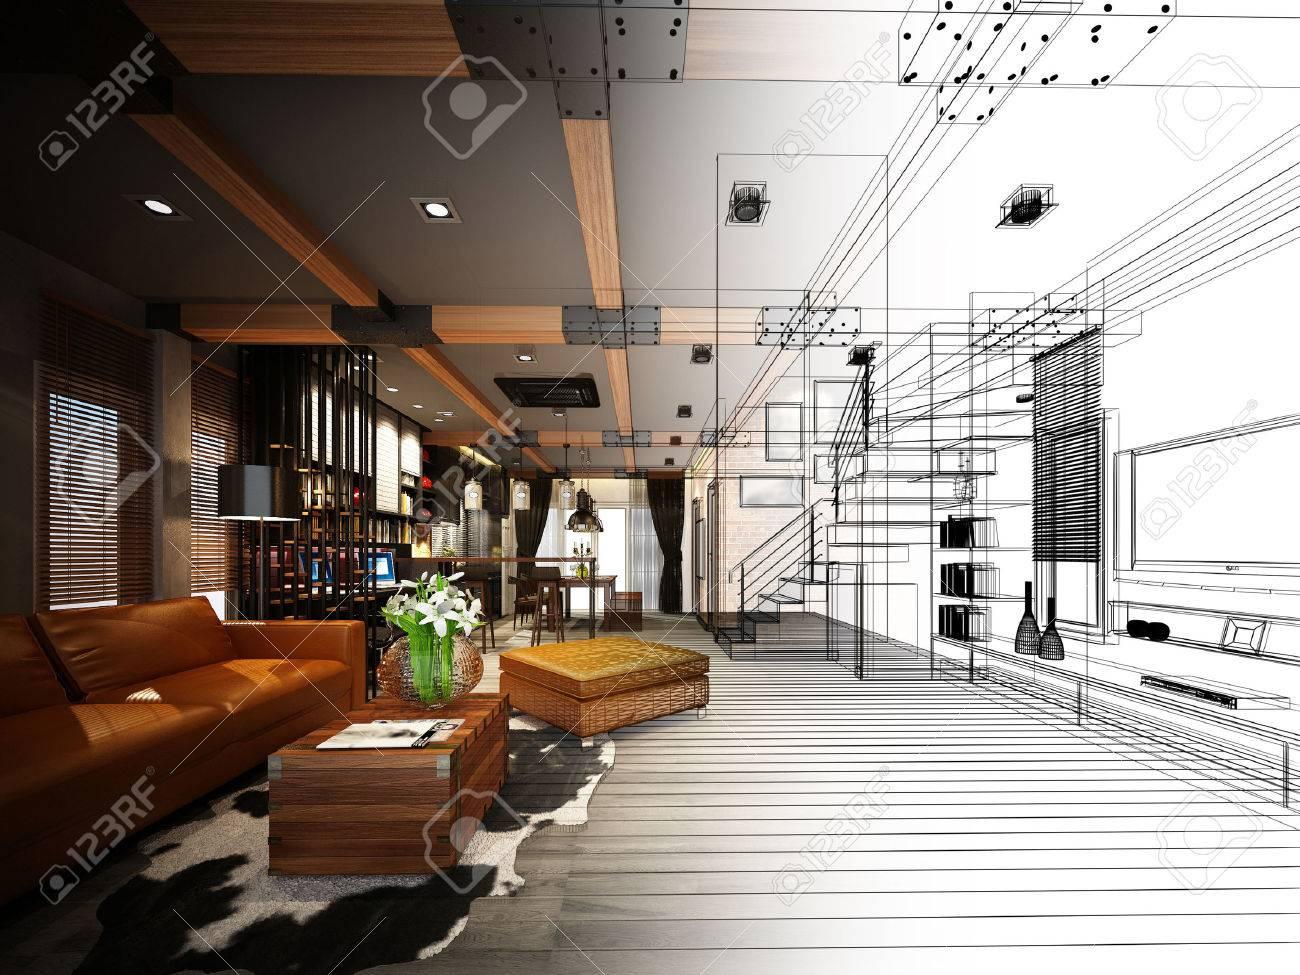 sketch design of living 3dwire frame render - 41332615